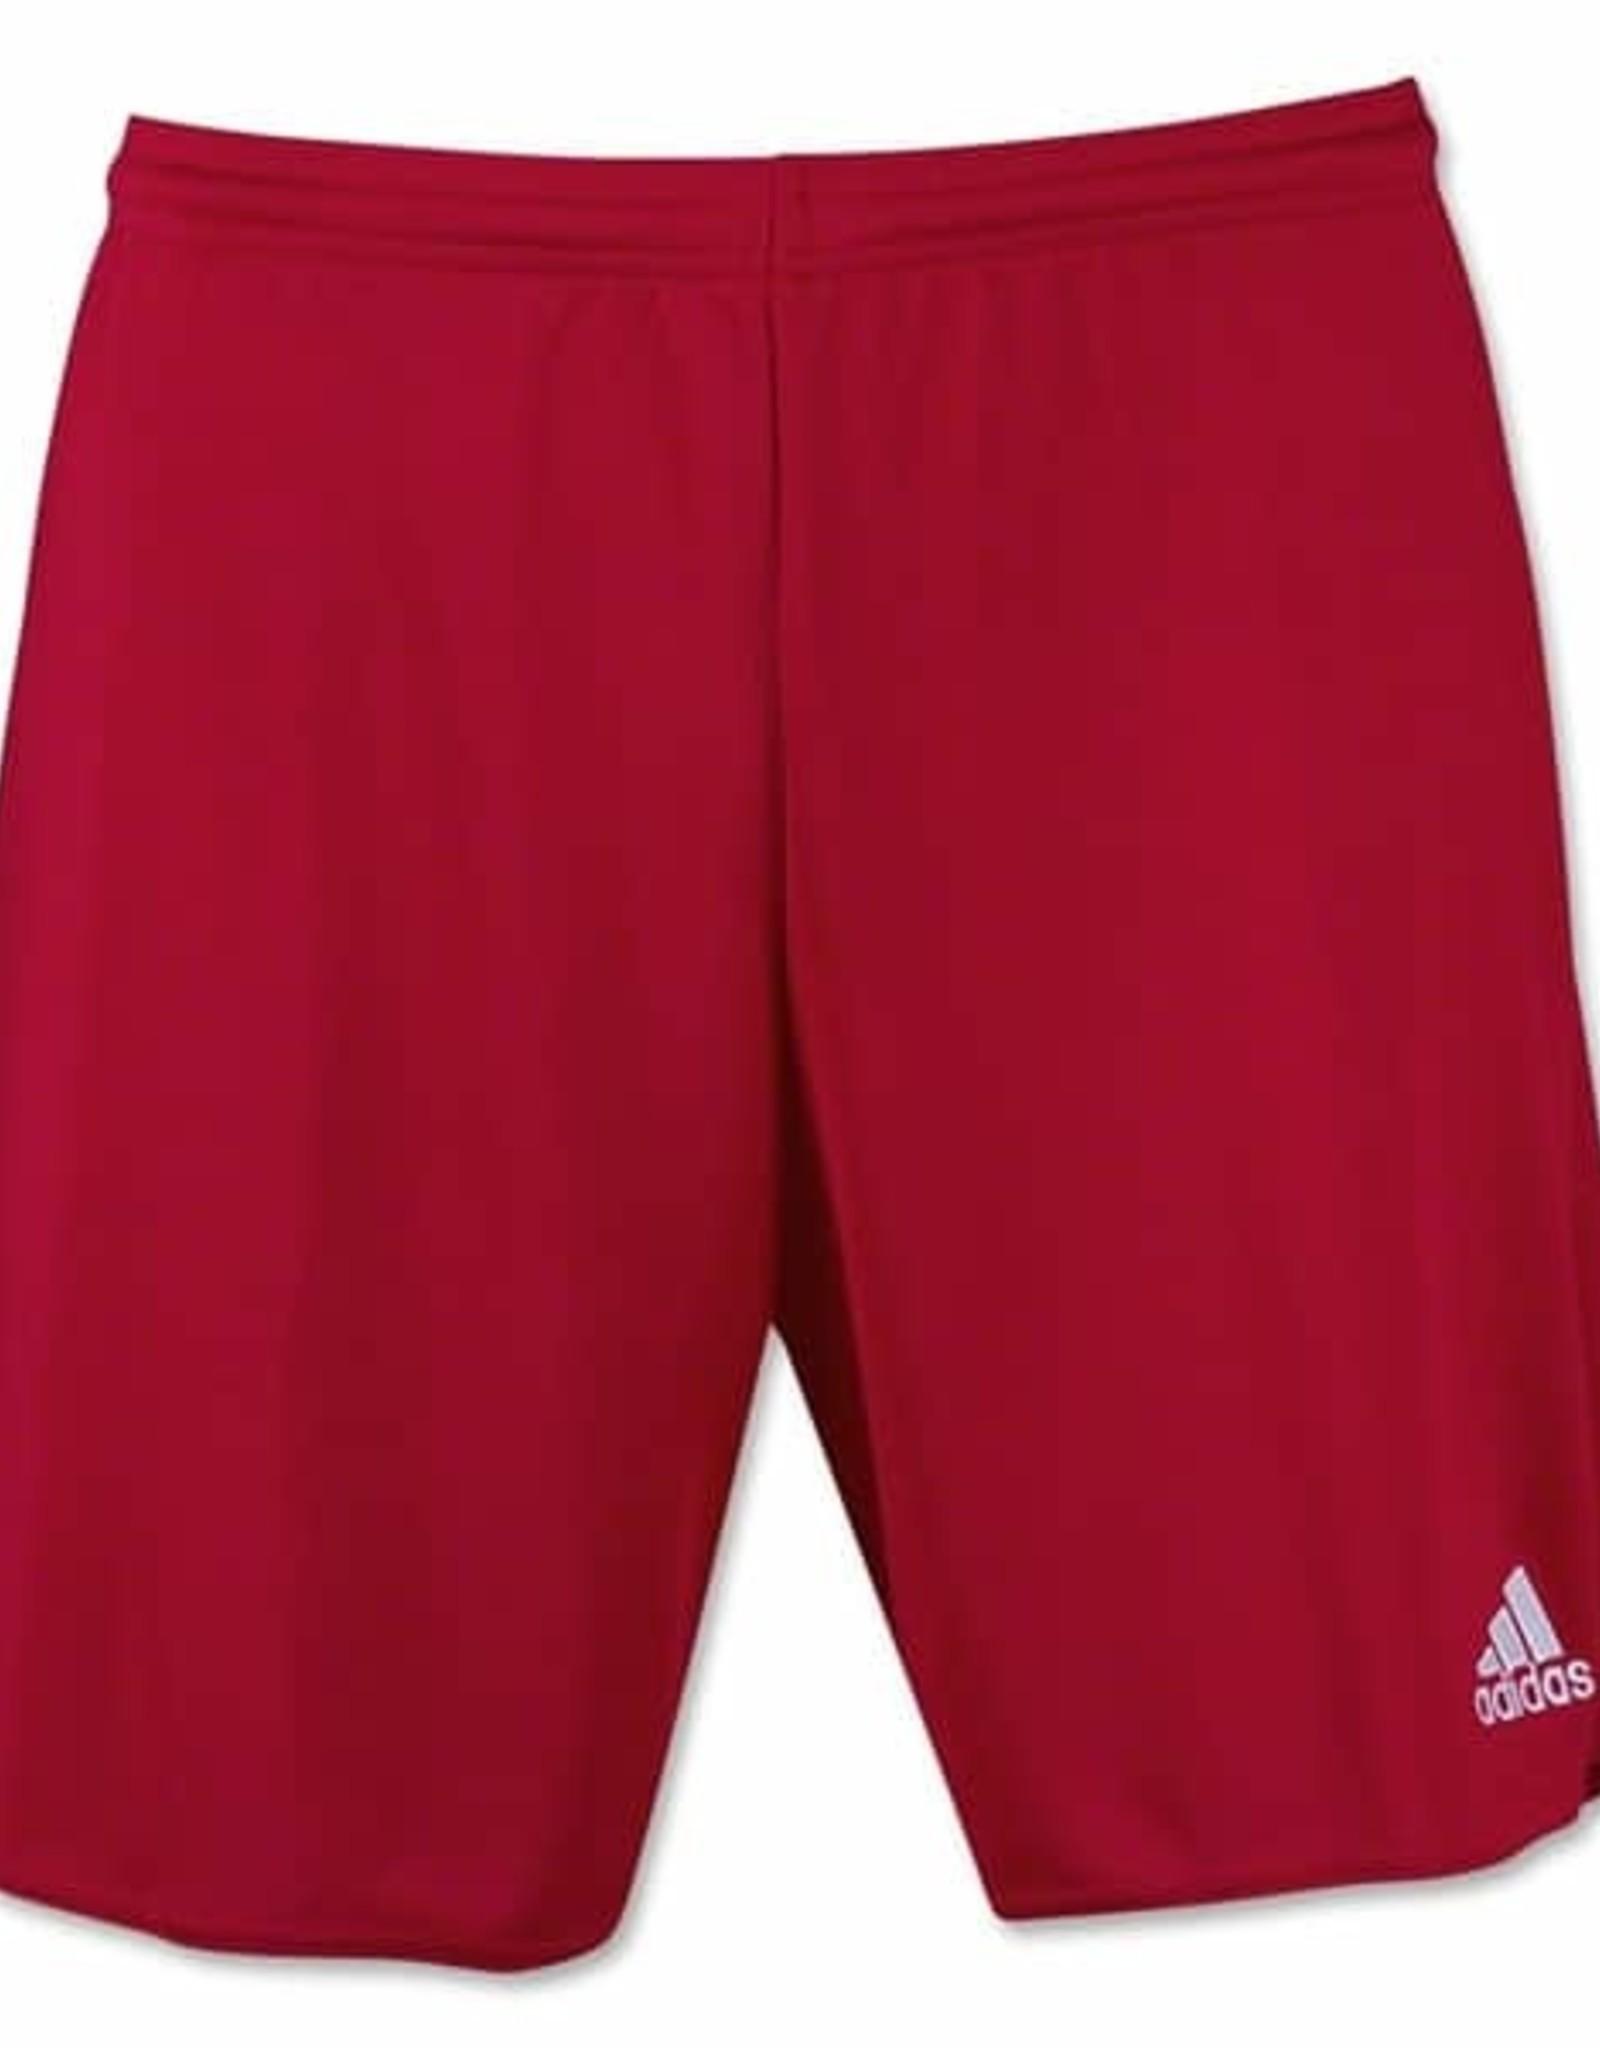 Adidas Adidas Parma 16 Sho